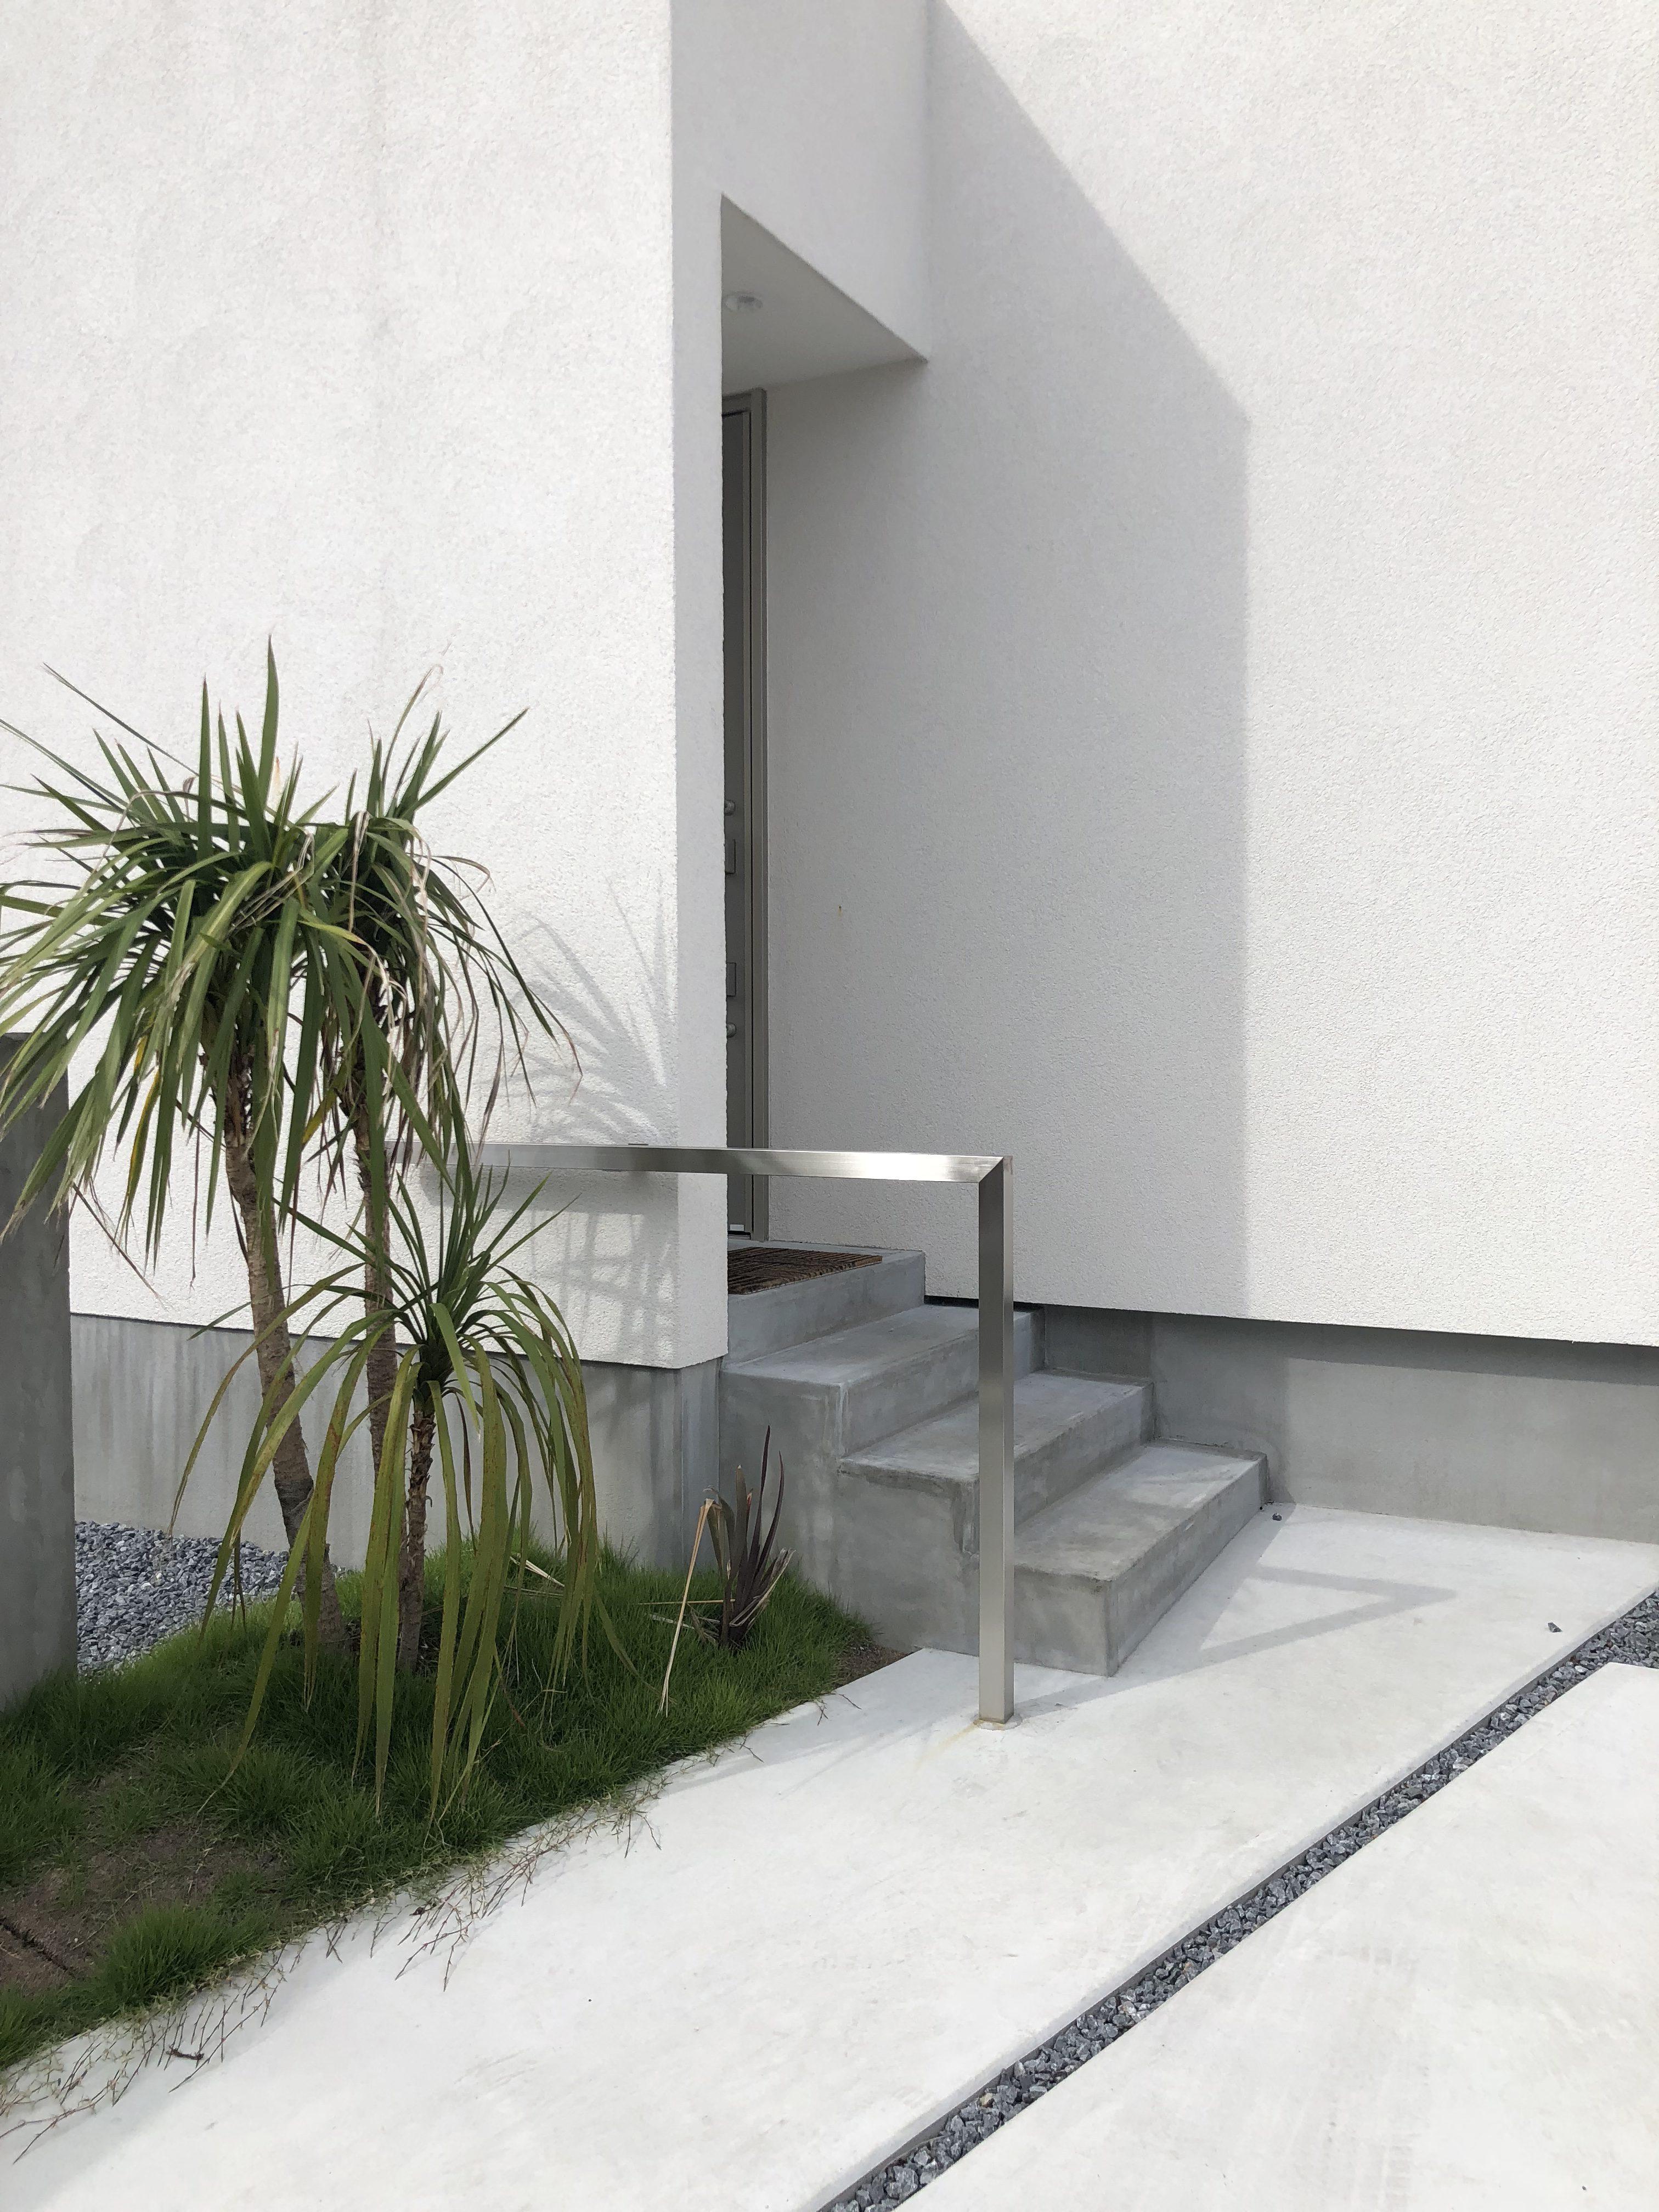 山梨県の工務店、未来建築工房とつくる注文住宅。|岐阜県のリグスタイルへ行って来ました。